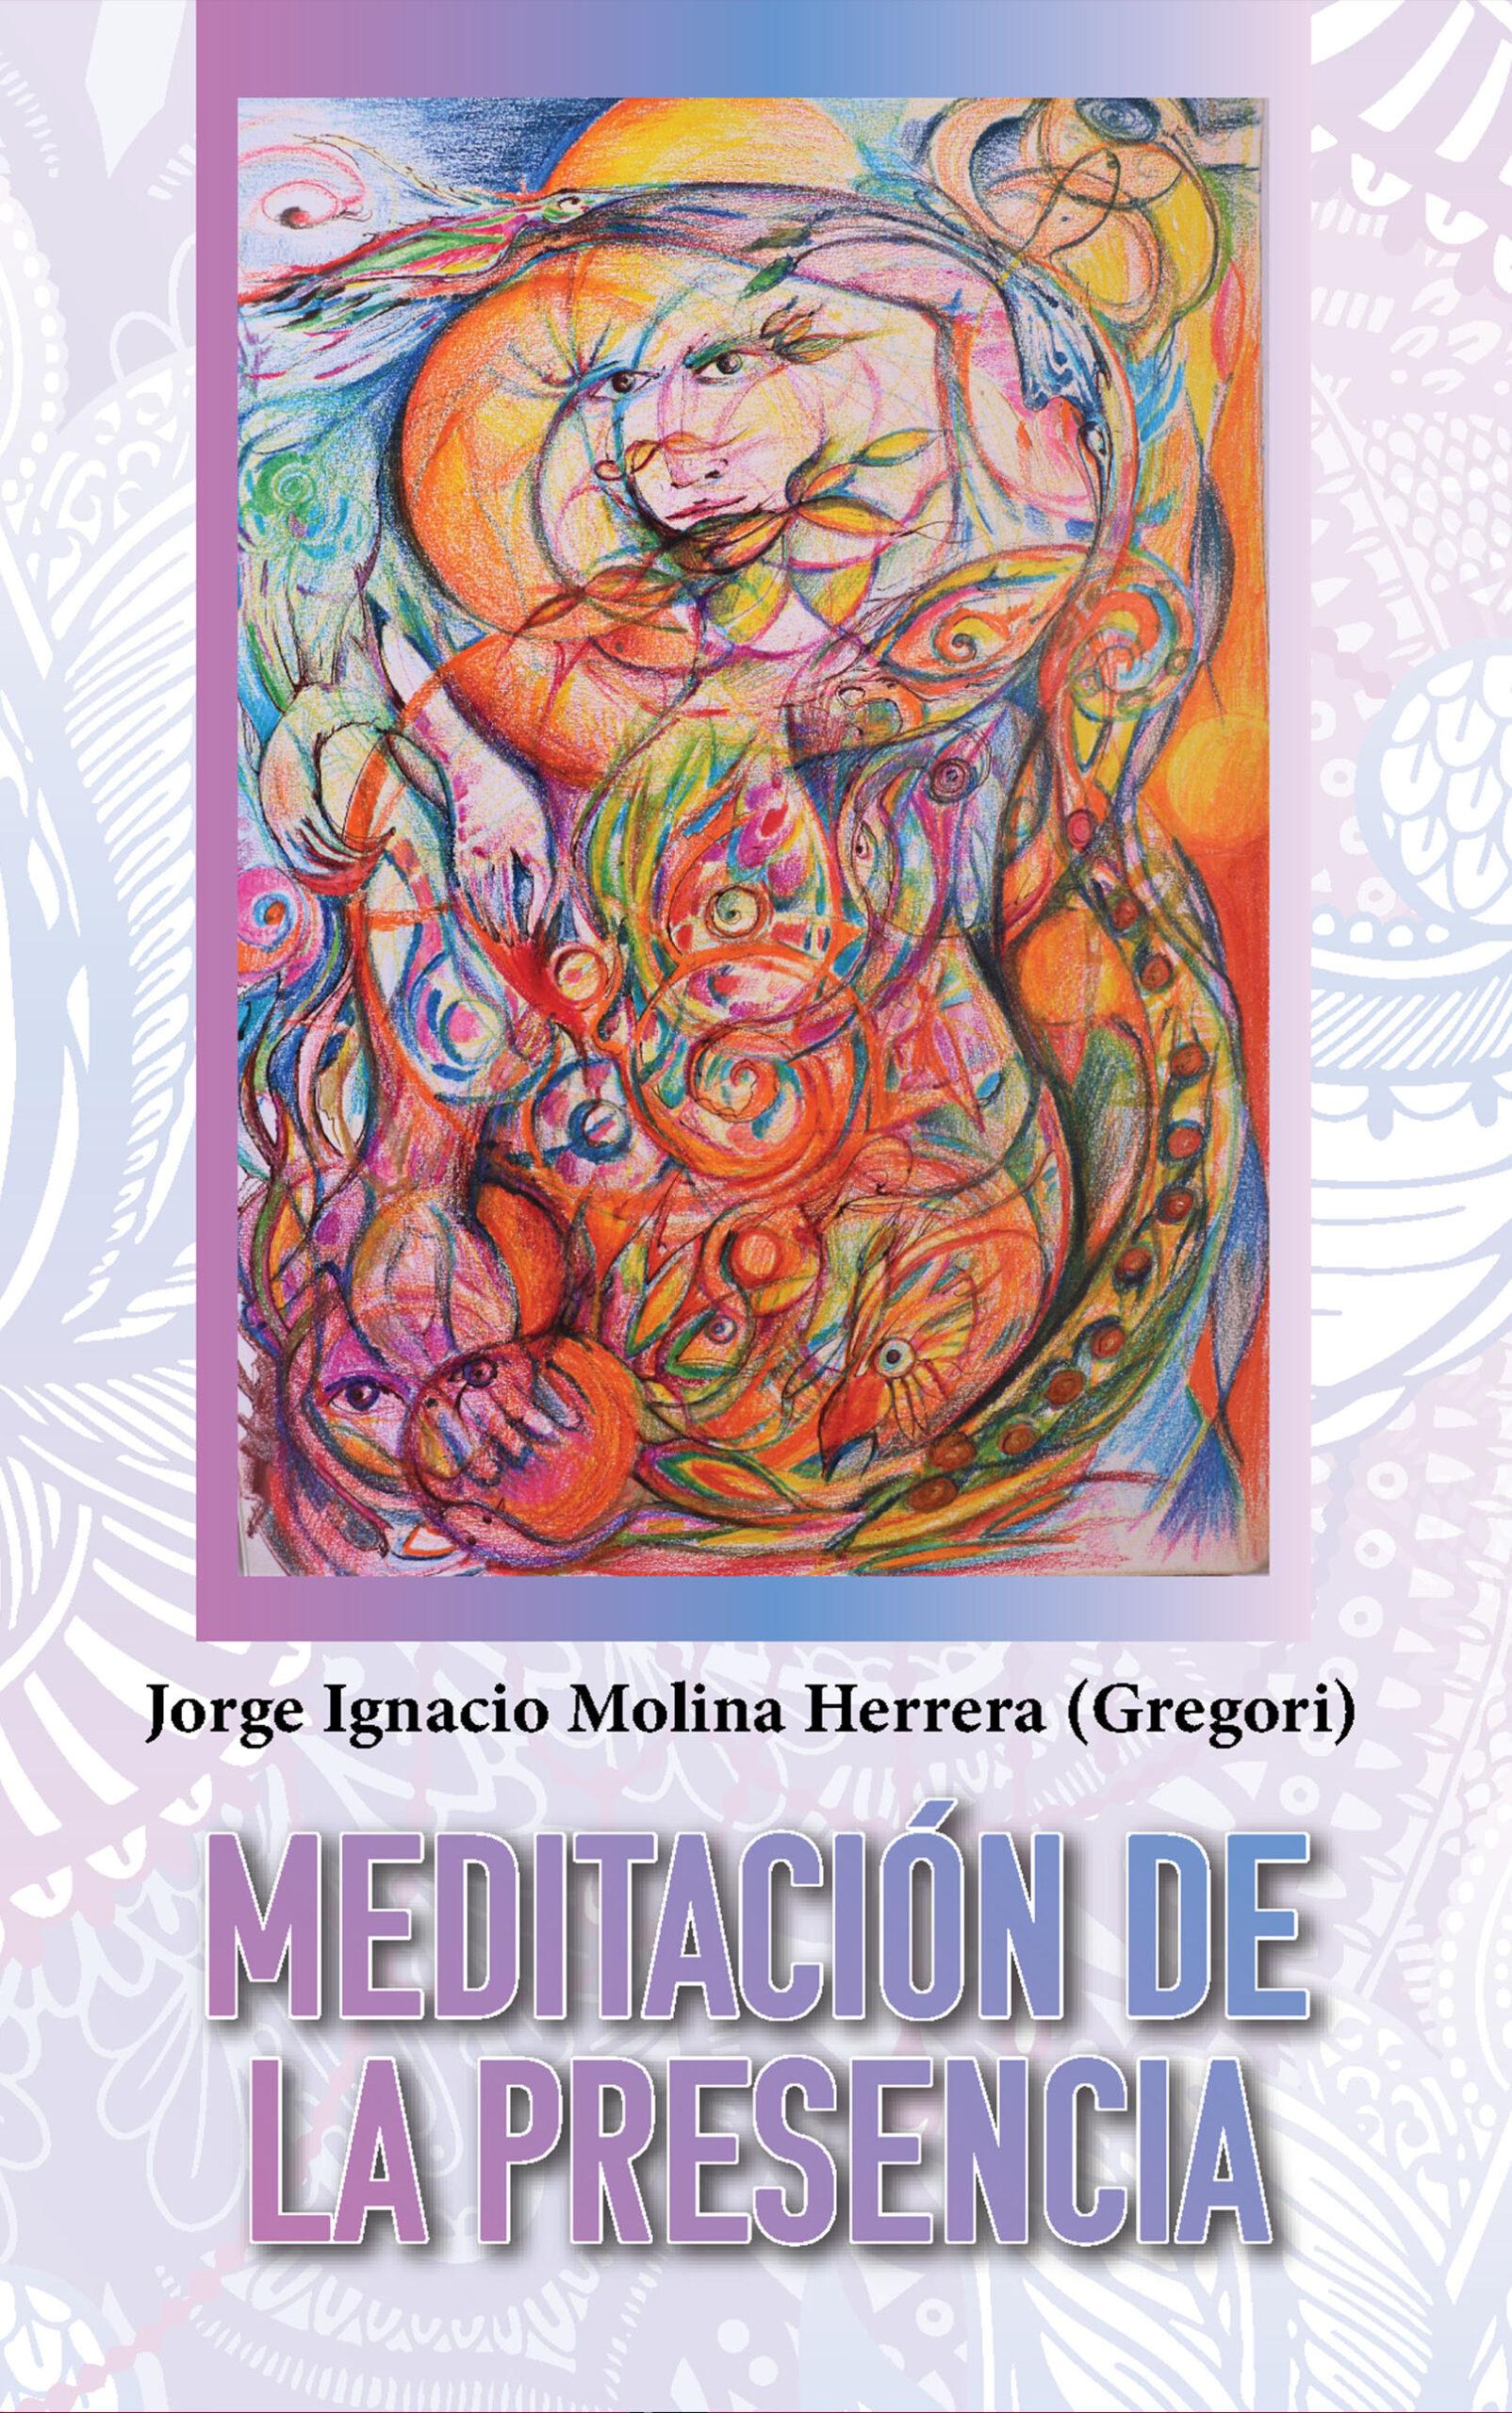 Meditación de la presencia, de Jorge Ignacio Molina Herrera